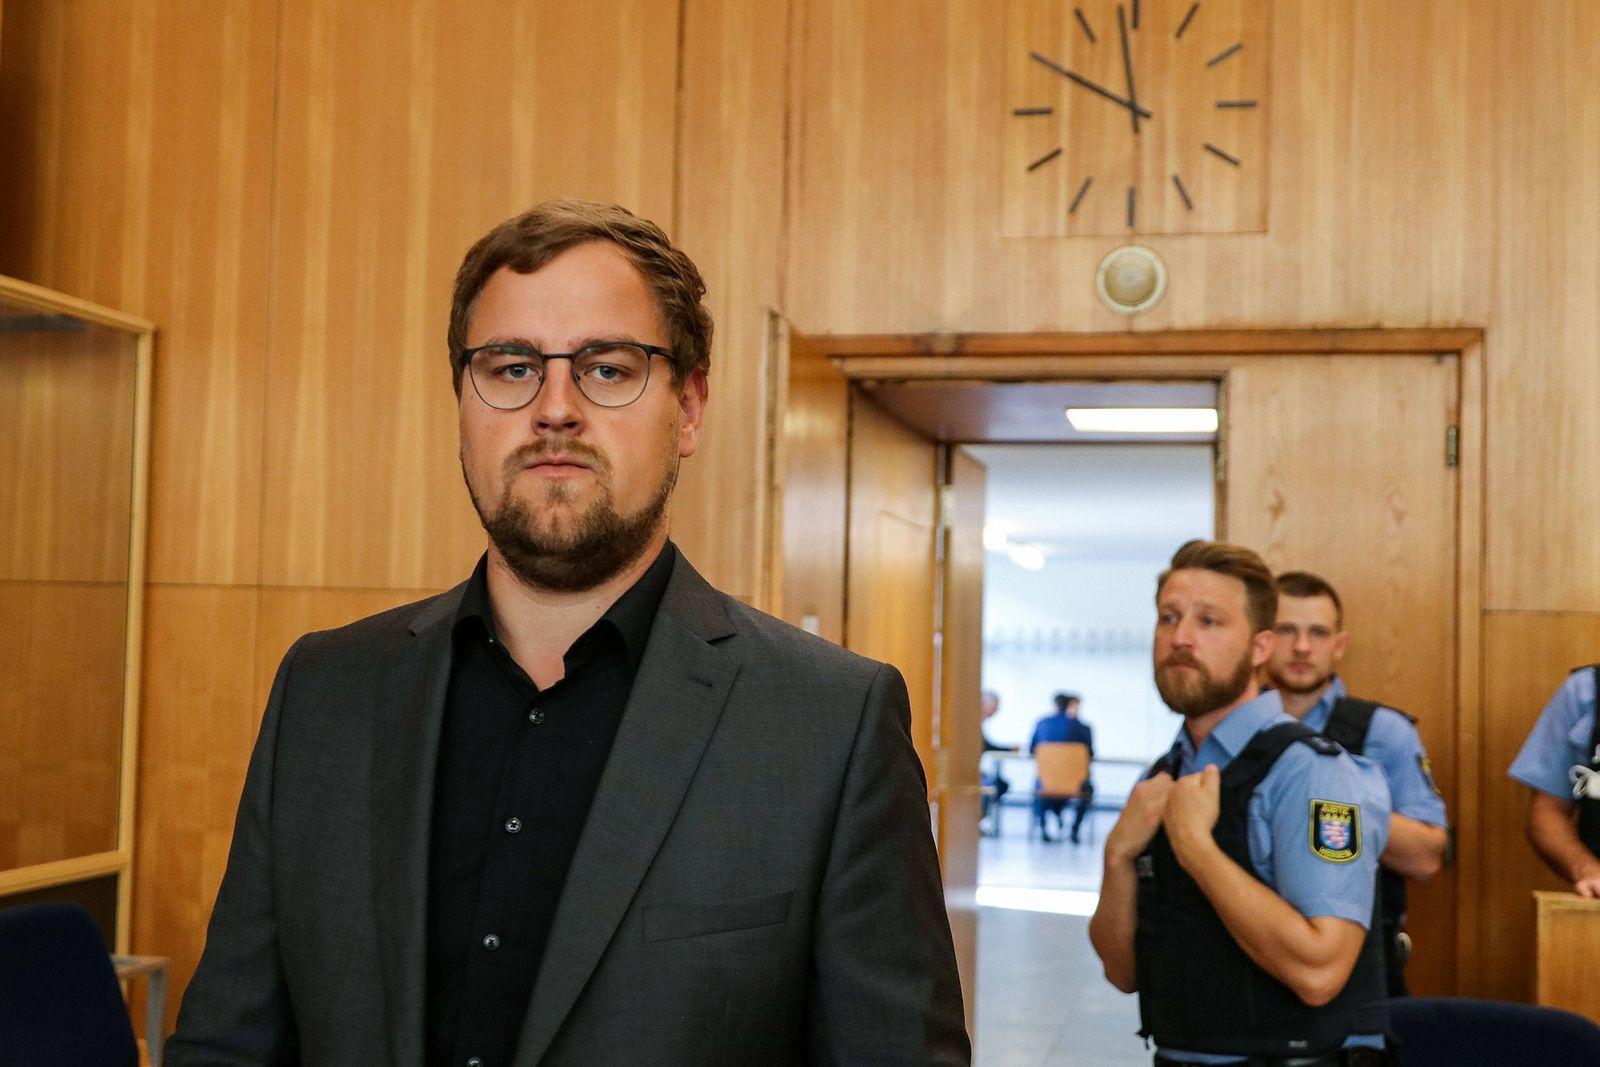 02.07.2020, xmkx, Justiz, Prozess gegen Stephan Ernst und Markus H. wegen des Mordes an Walter Luebcke v.l. Nebenkläger